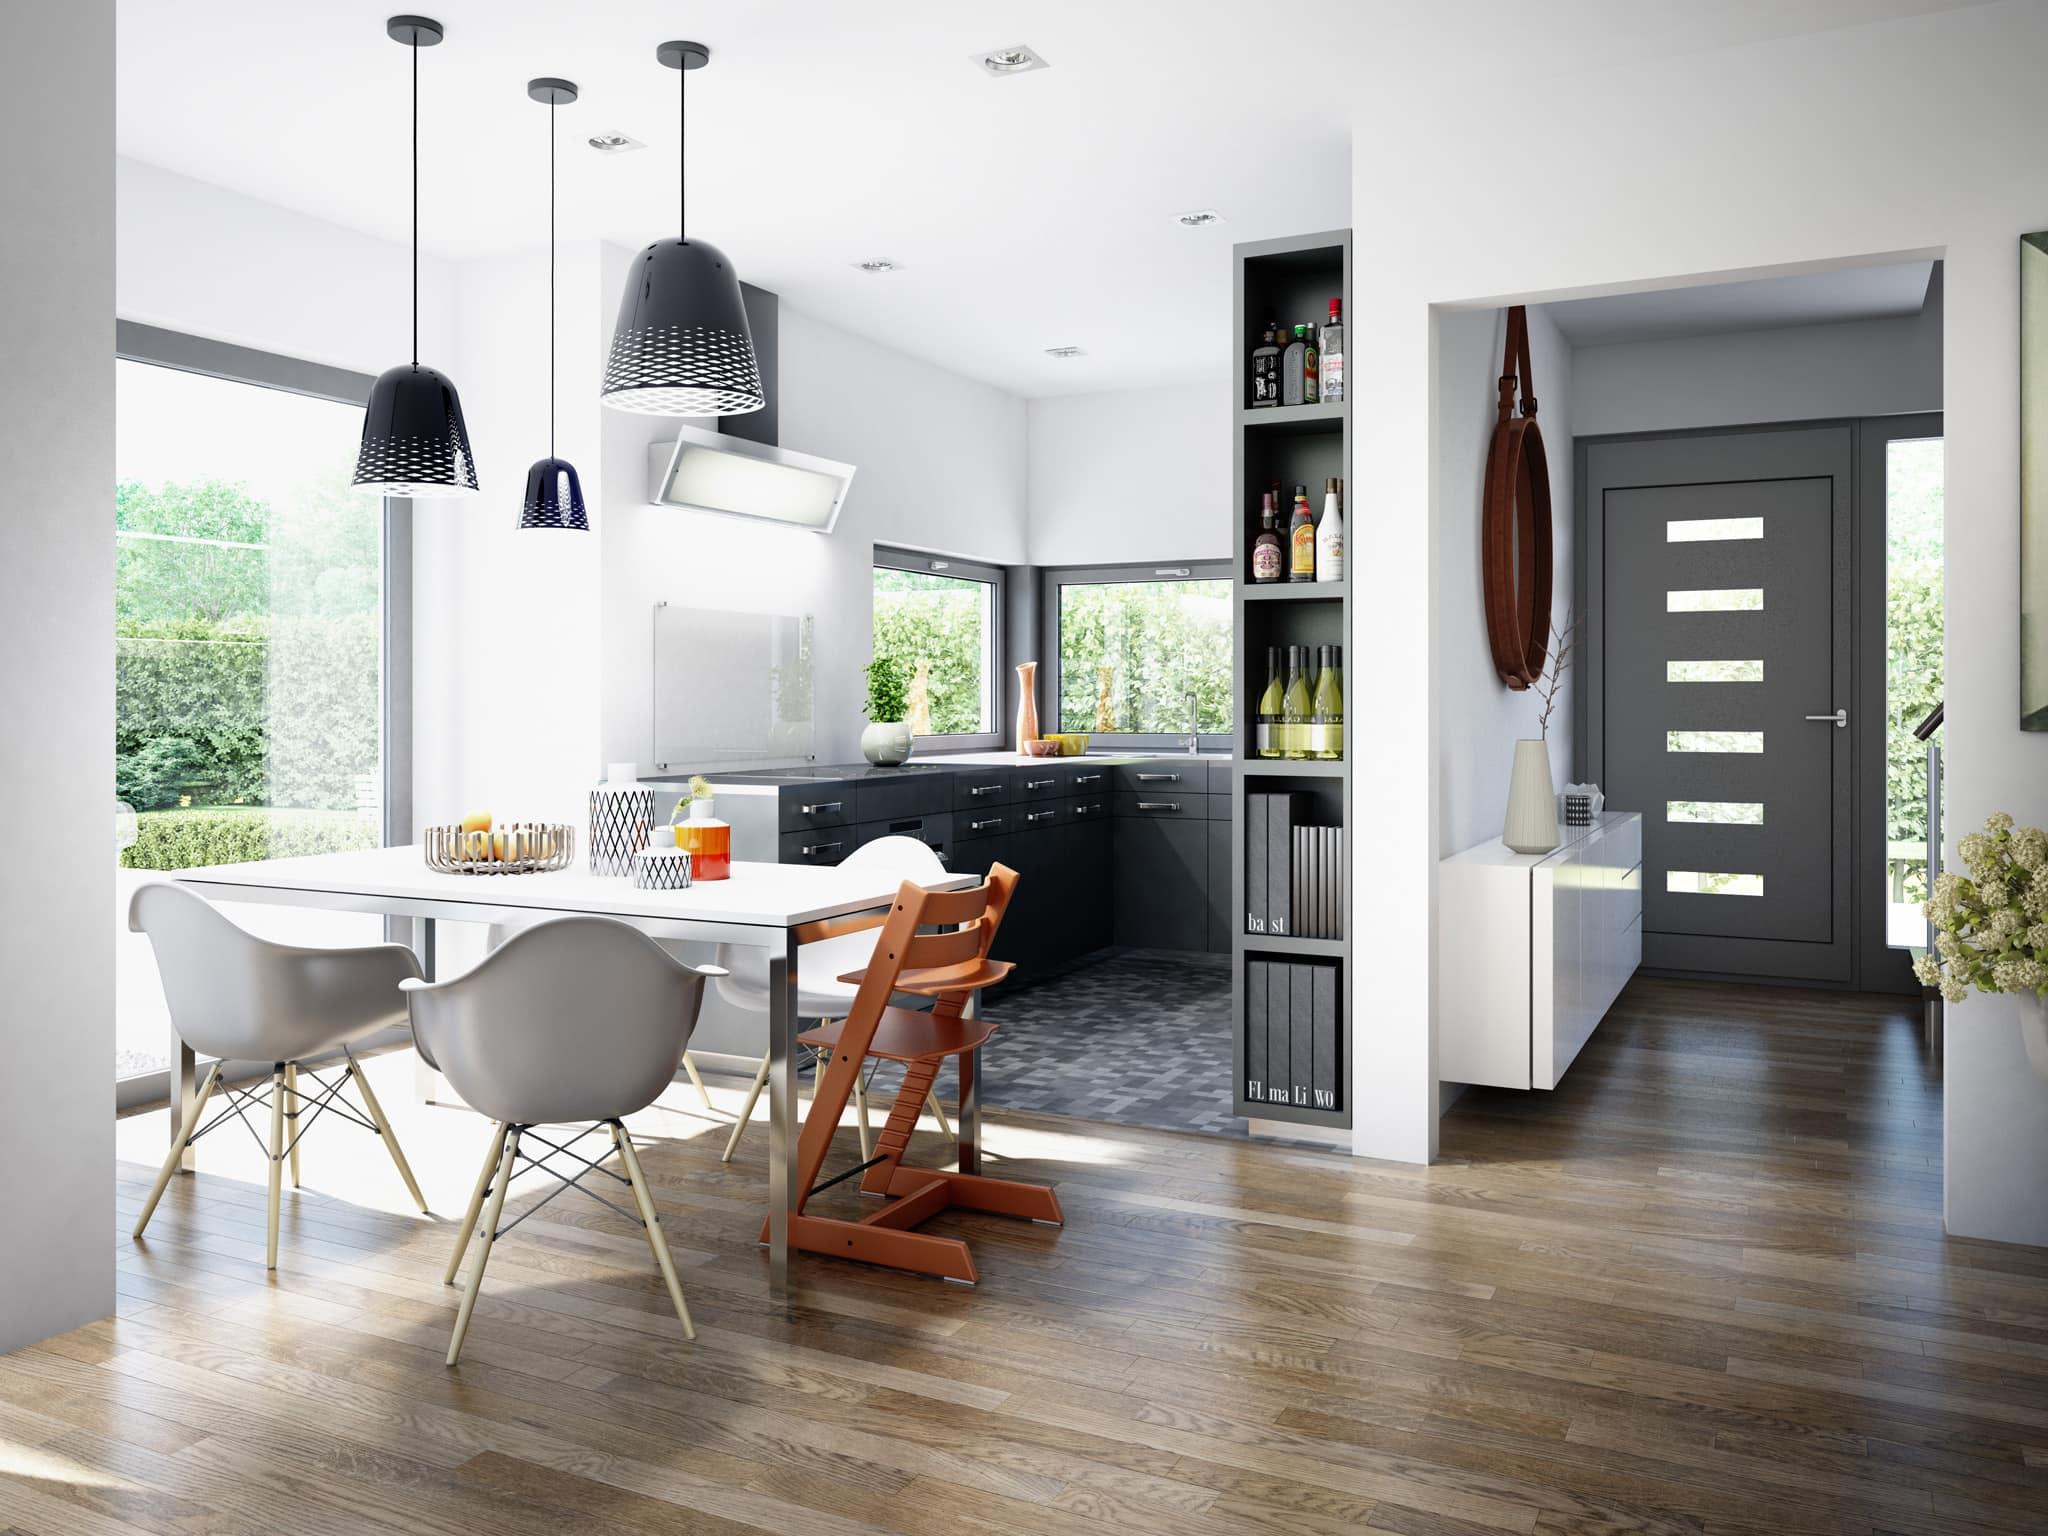 Offene Küche Ideen - Inneneinrichtung Fertighaus Stadtvilla Living Haus SUNSHINE 151 V6 - HausbauDirekt.de